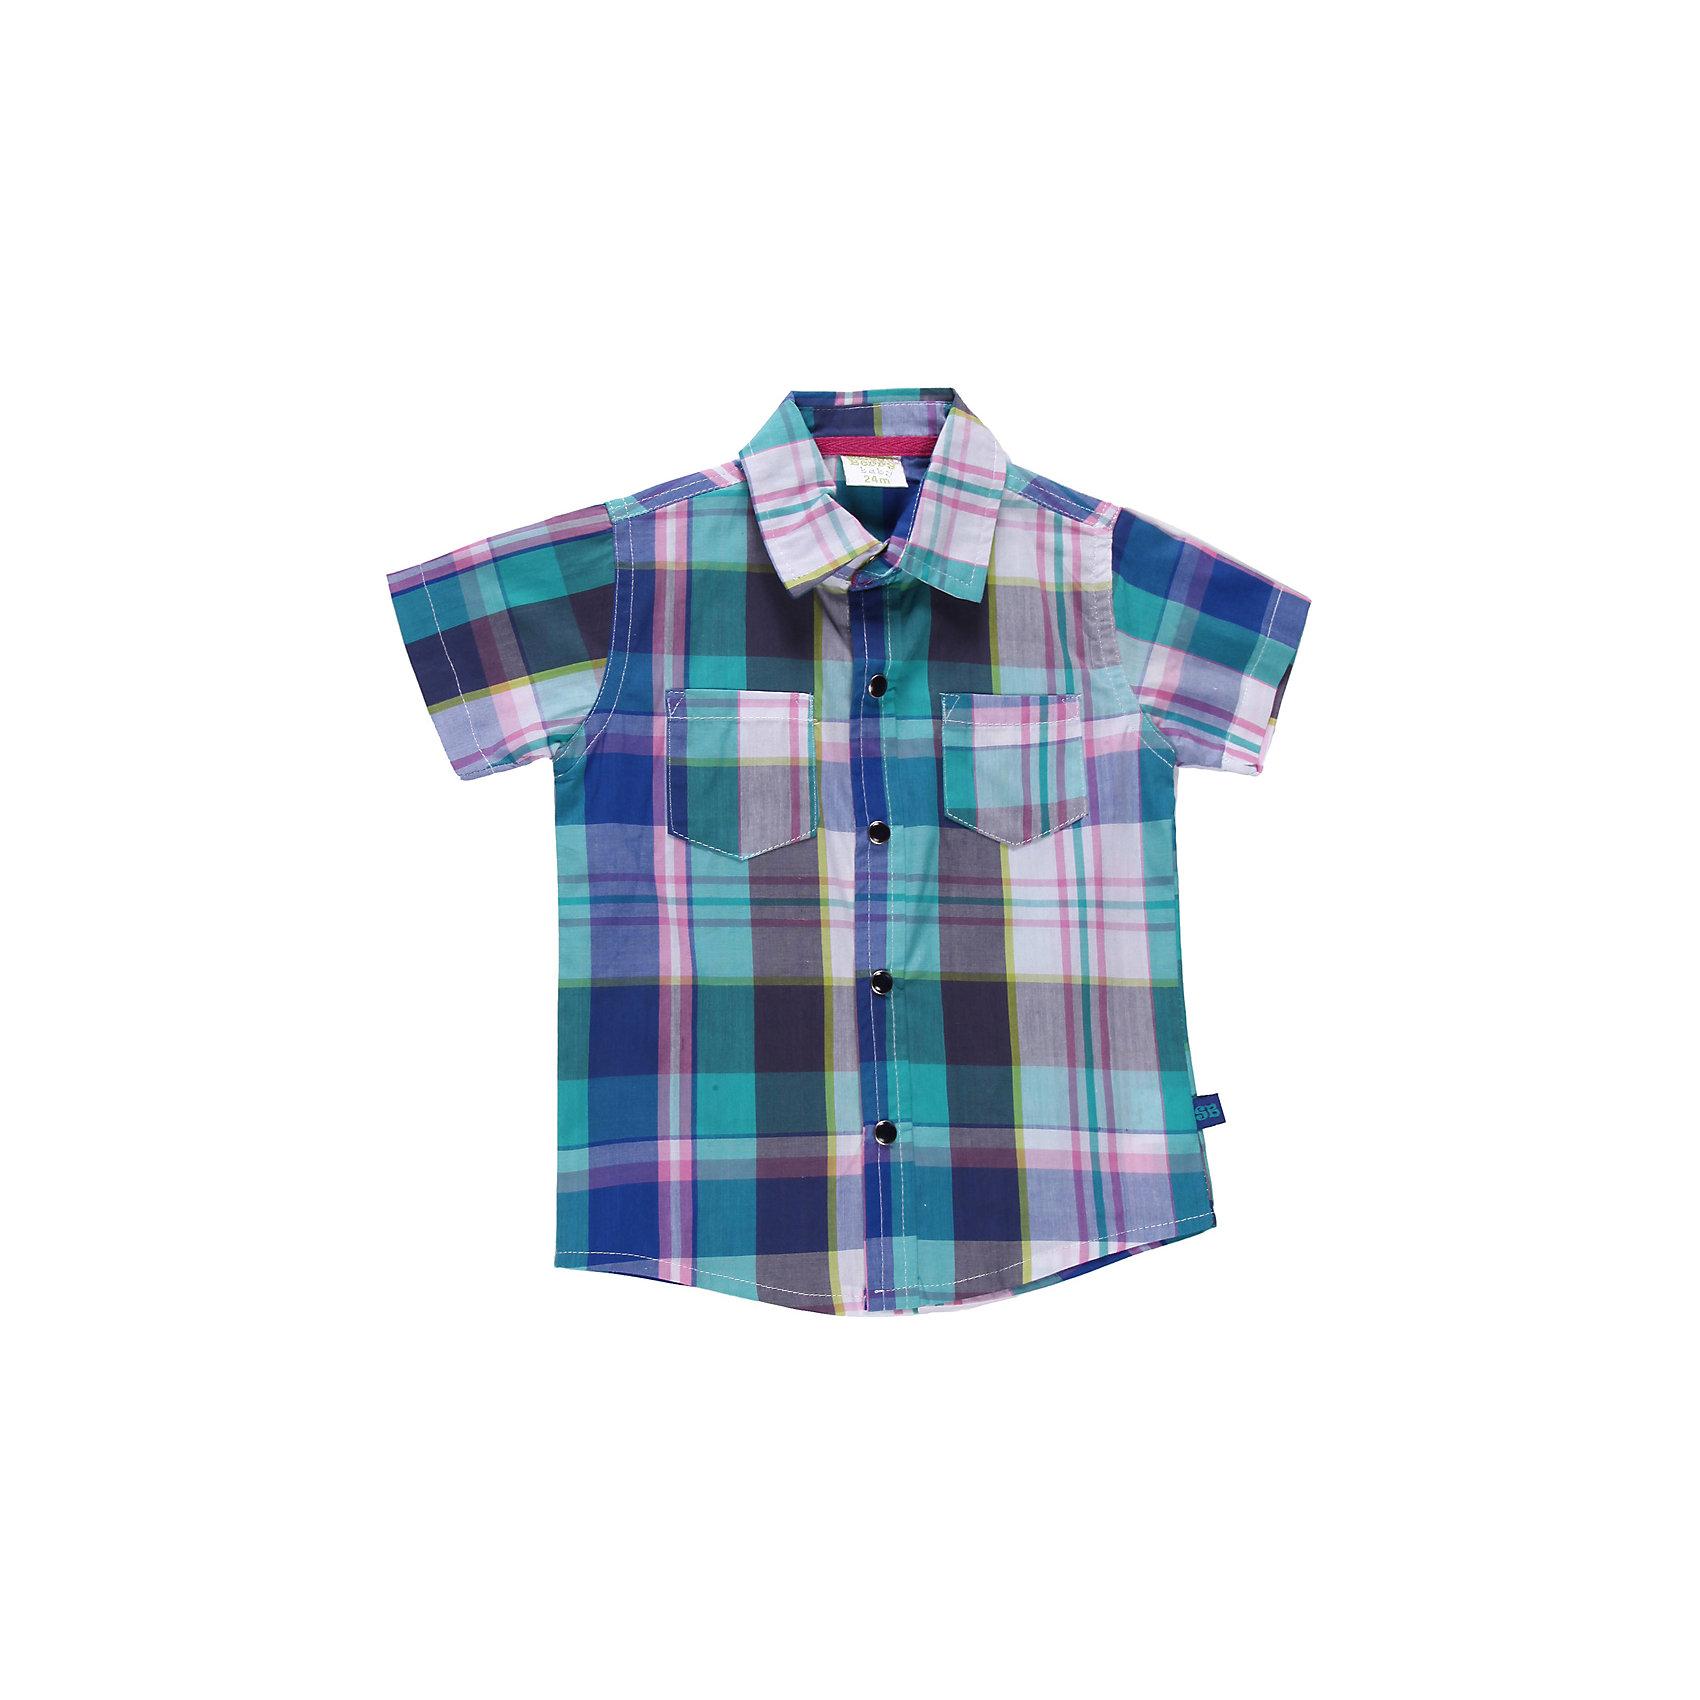 Рубашка для мальчика Sweet BerryБлузки и рубашки<br>Хлопковая рубашка для мальчика. Застежка на планку с пуговицами.<br>Состав:<br>100% хлопок<br><br>Ширина мм: 174<br>Глубина мм: 10<br>Высота мм: 169<br>Вес г: 157<br>Цвет: разноцветный<br>Возраст от месяцев: 9<br>Возраст до месяцев: 12<br>Пол: Мужской<br>Возраст: Детский<br>Размер: 80,86,98,92<br>SKU: 4522497